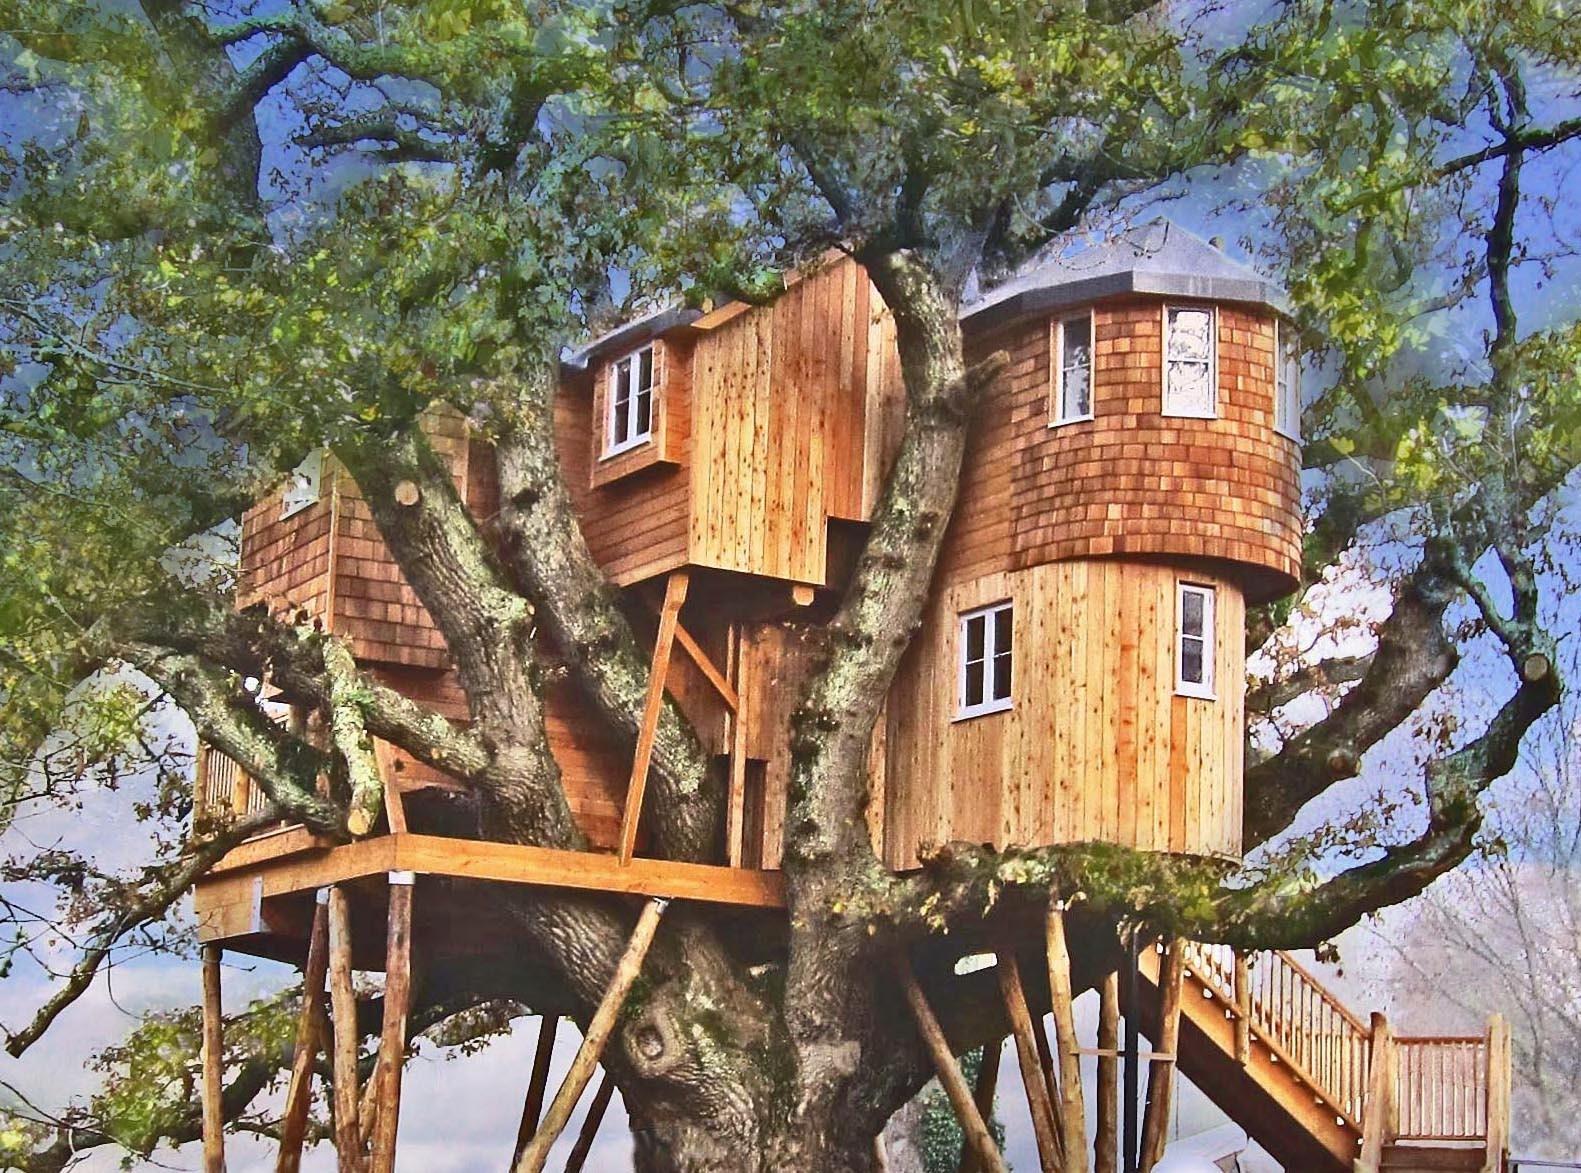 Hình ảnh ngôi nhà đồ sộ to đẹp trên cây